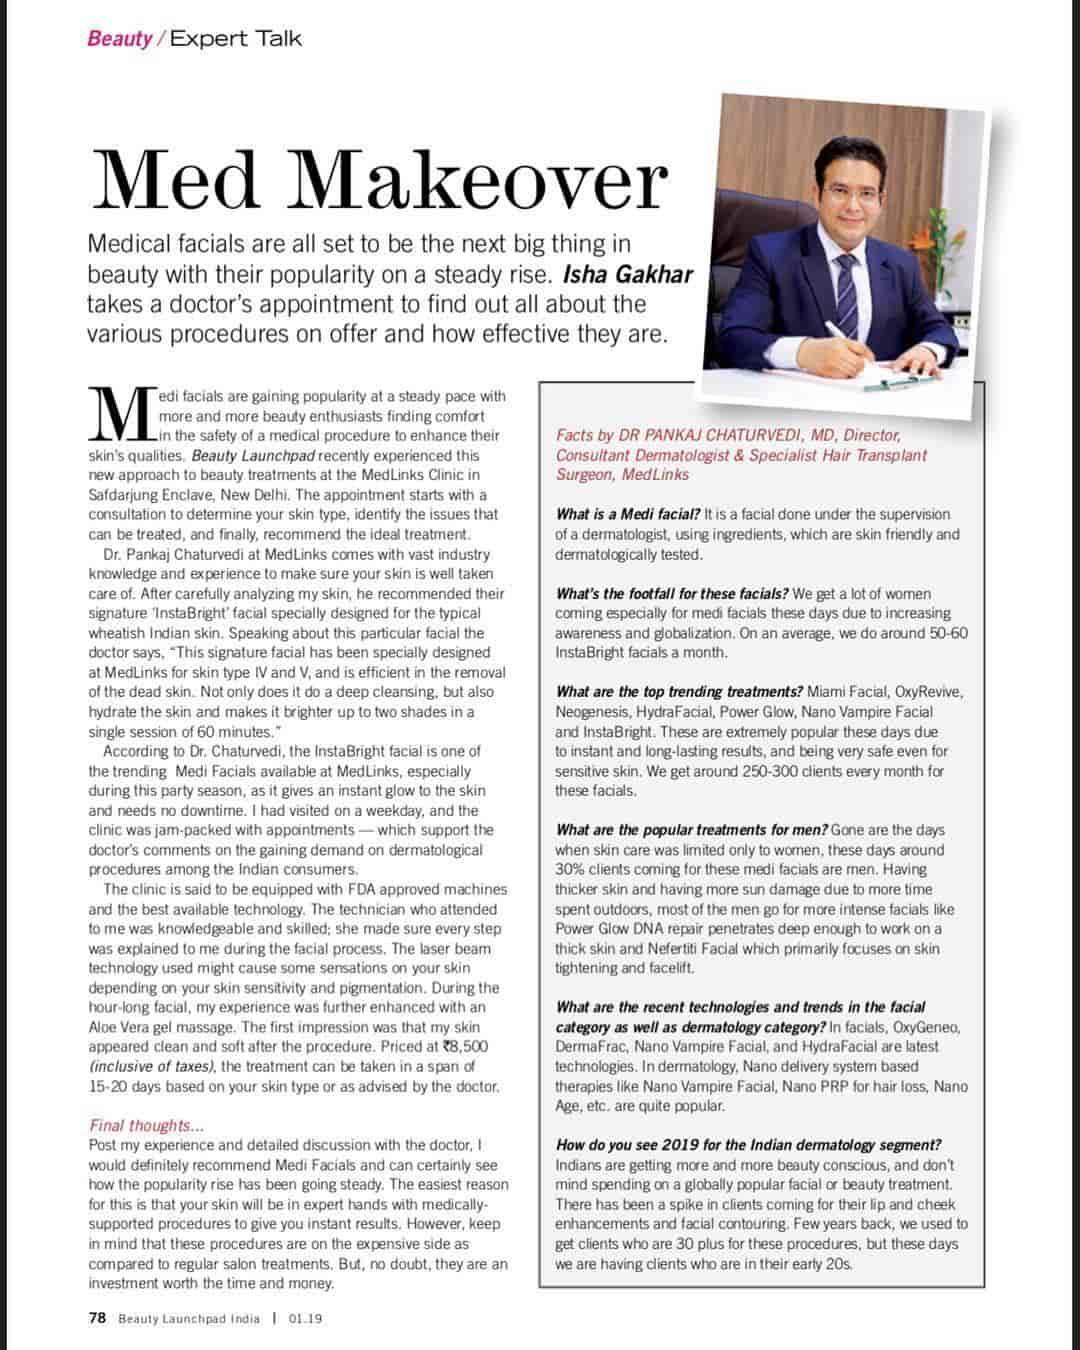 Medlinks Safdarjung Enclave Dermatologists In Delhi Justdial